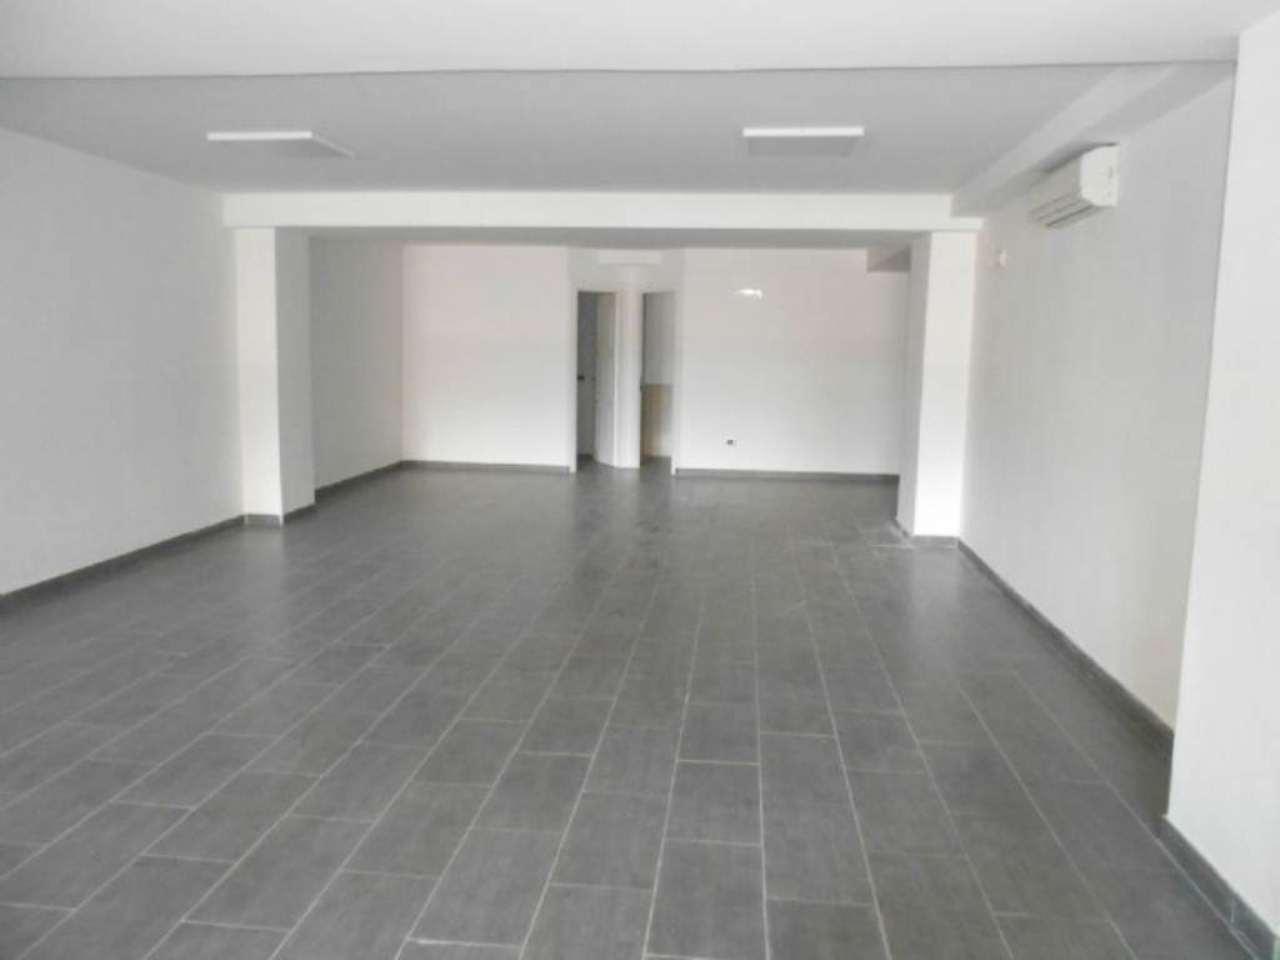 Ufficio / Studio in vendita a Napoli, 9999 locali, zona Zona: 1 . Chiaia, Posillipo, San Ferdinando, prezzo € 360.000 | Cambio Casa.it